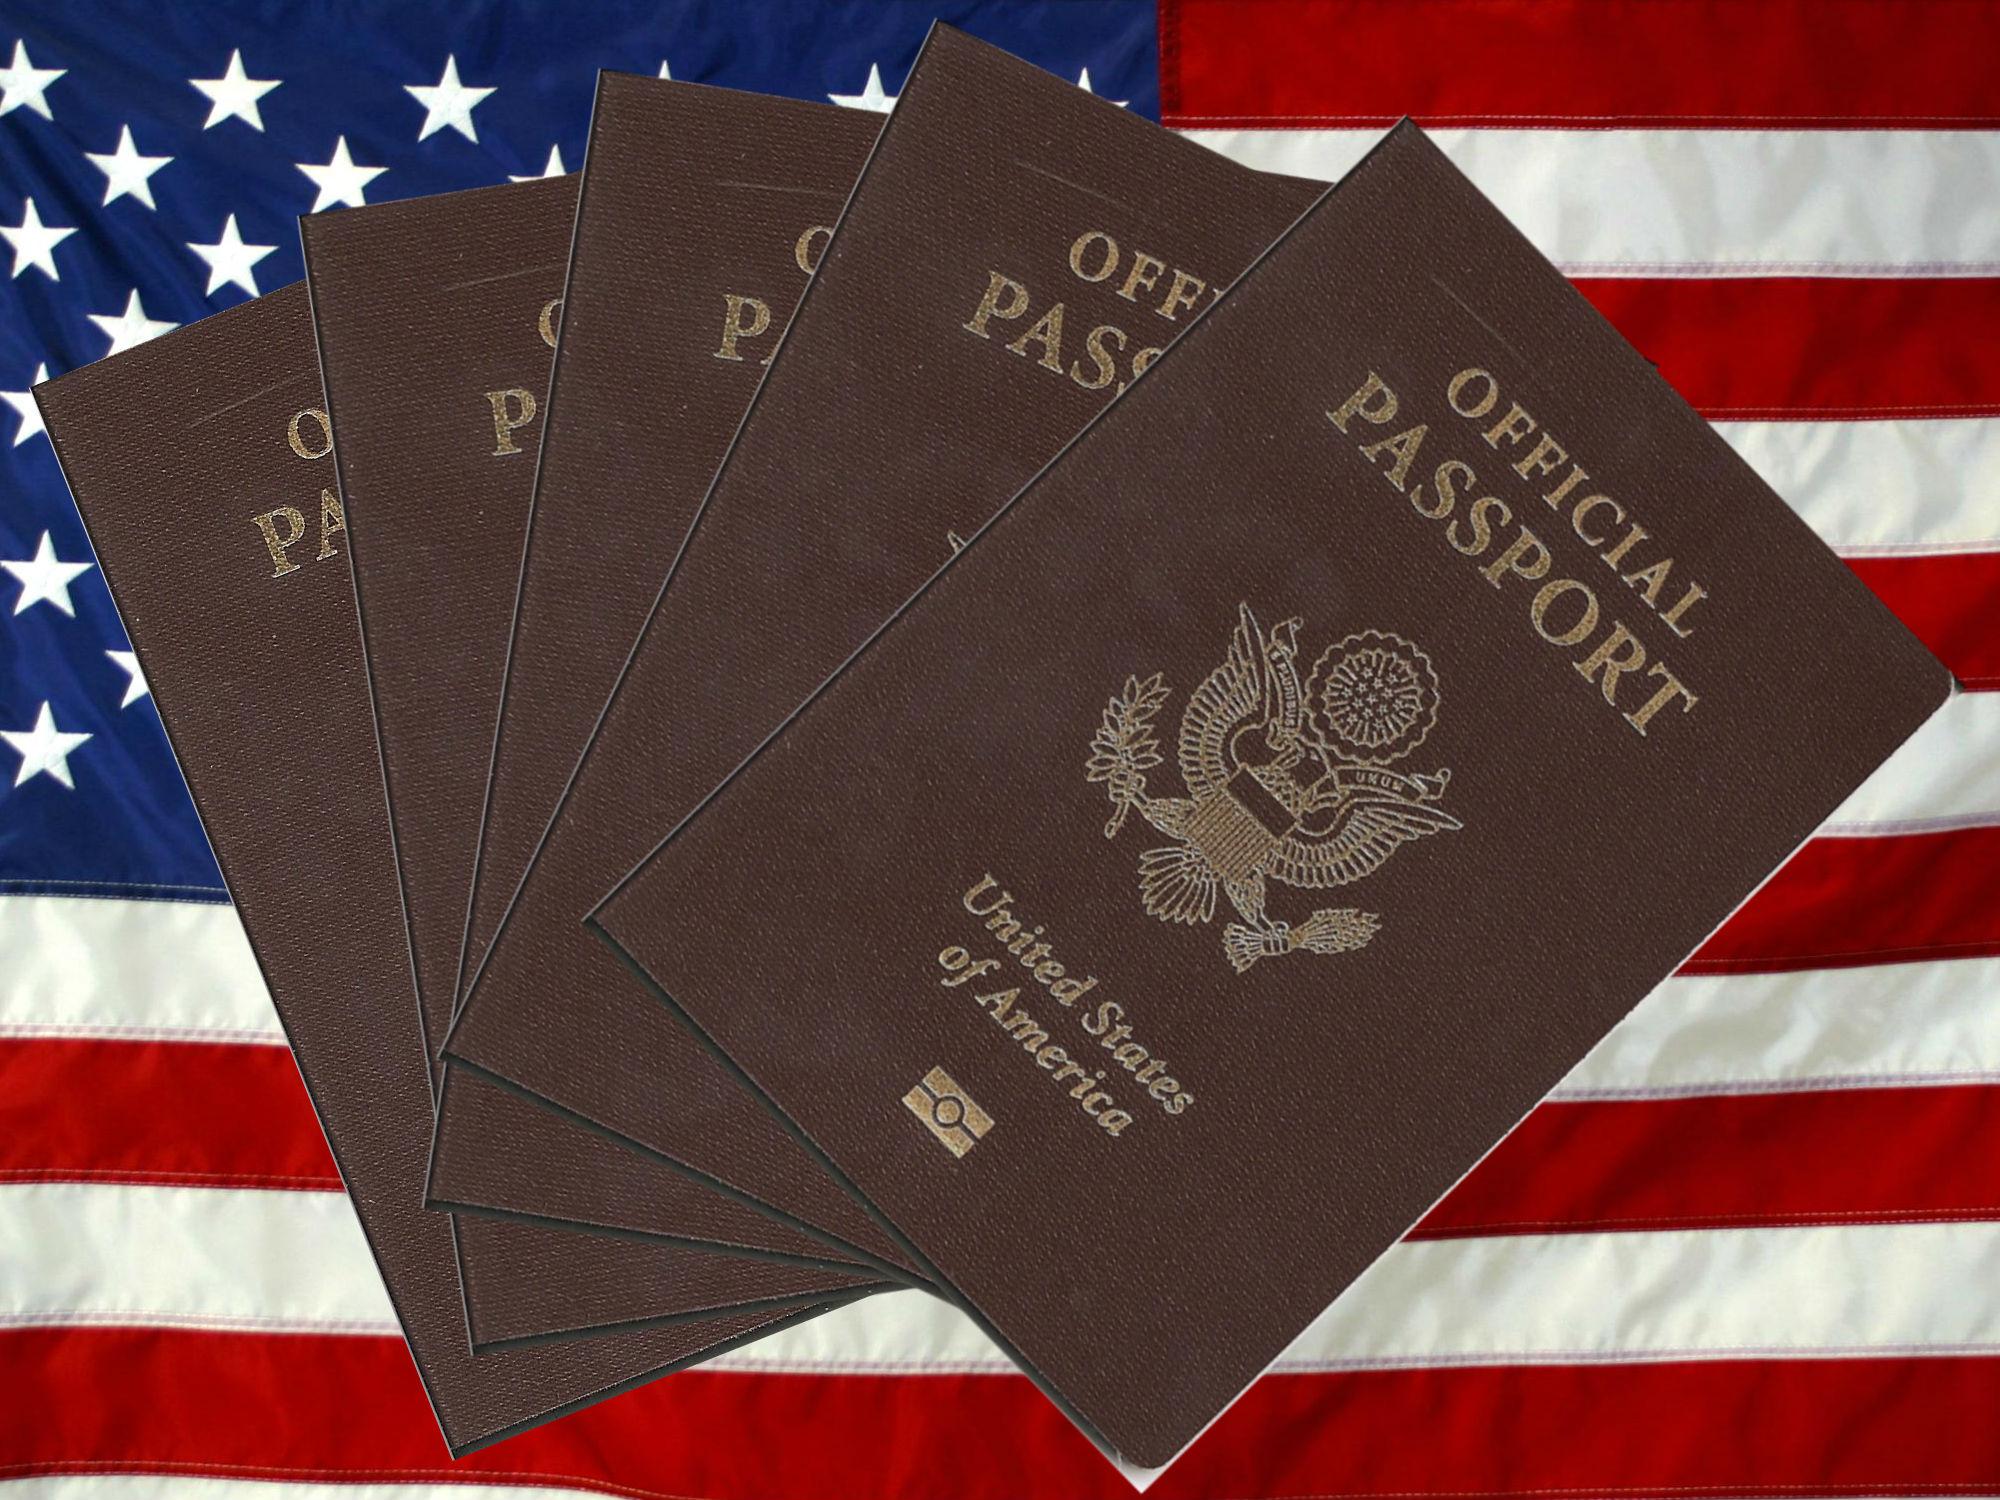 US Official Passport